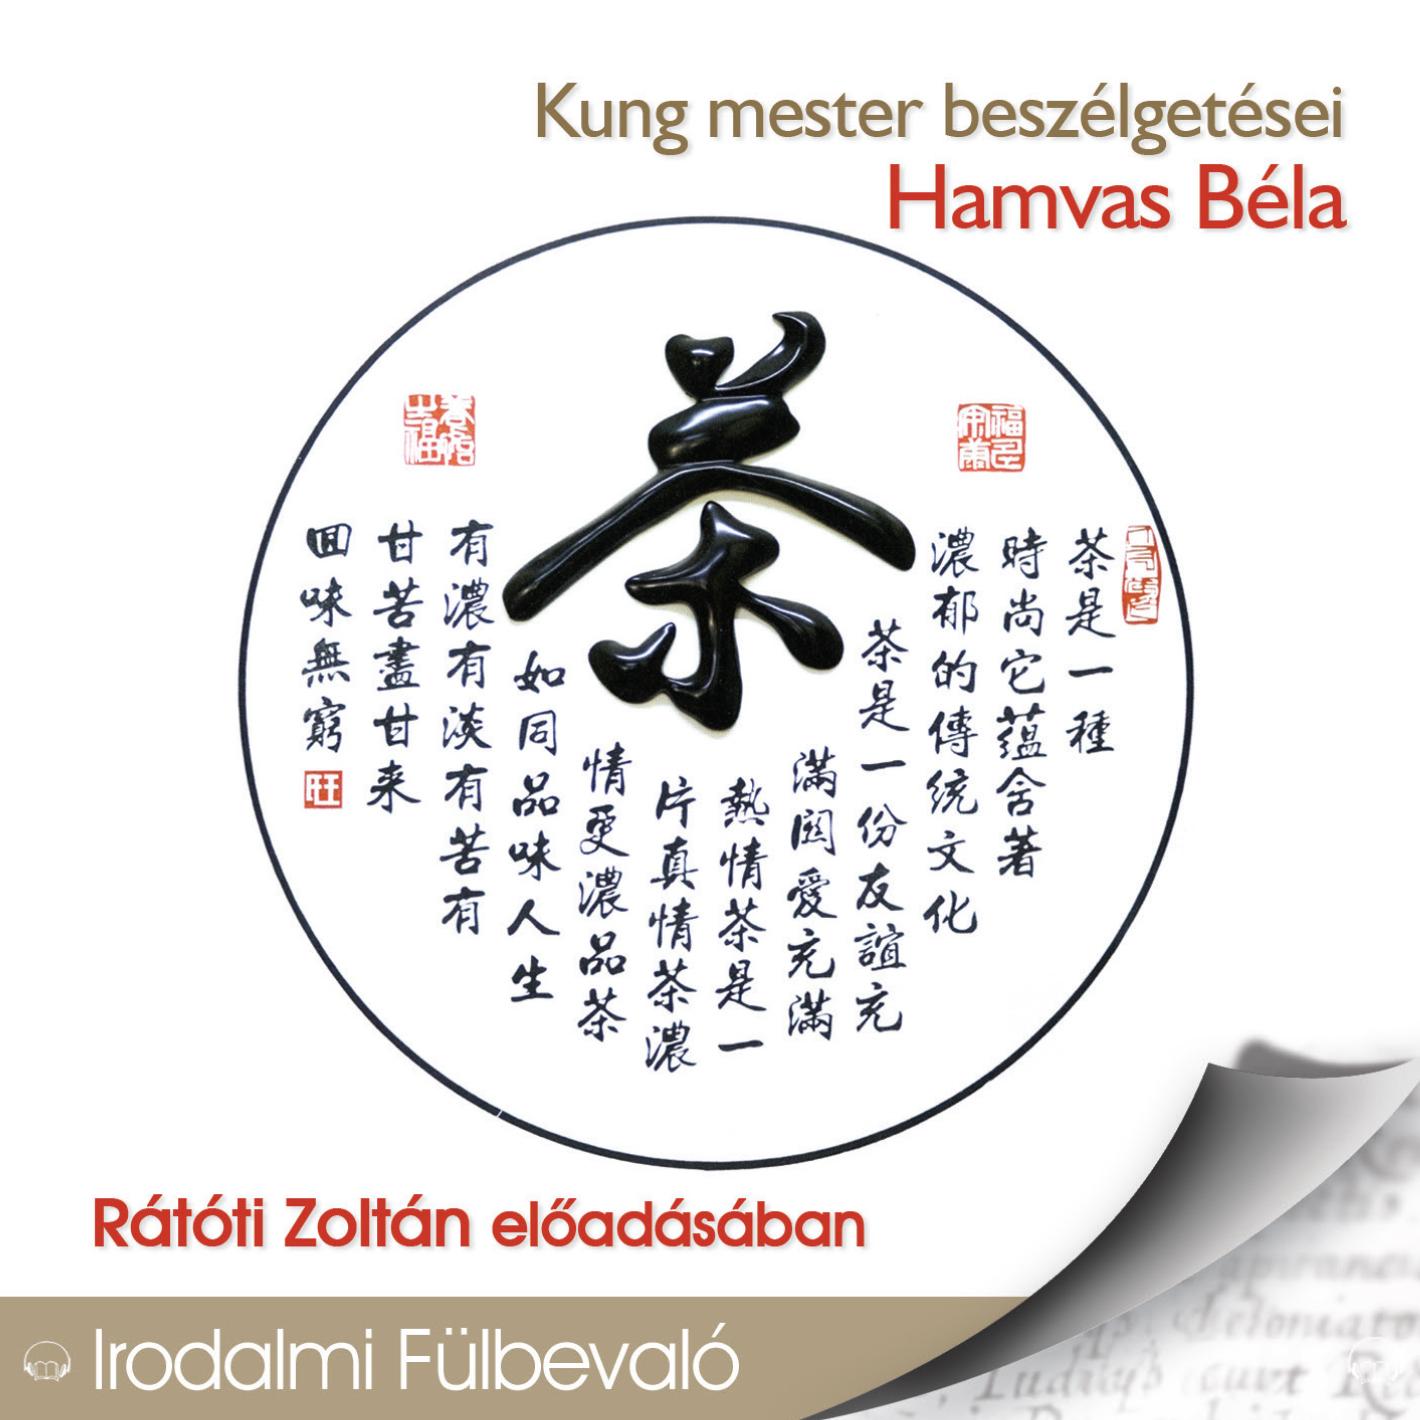 Hamvas Béla: Kung mester beszélgetései